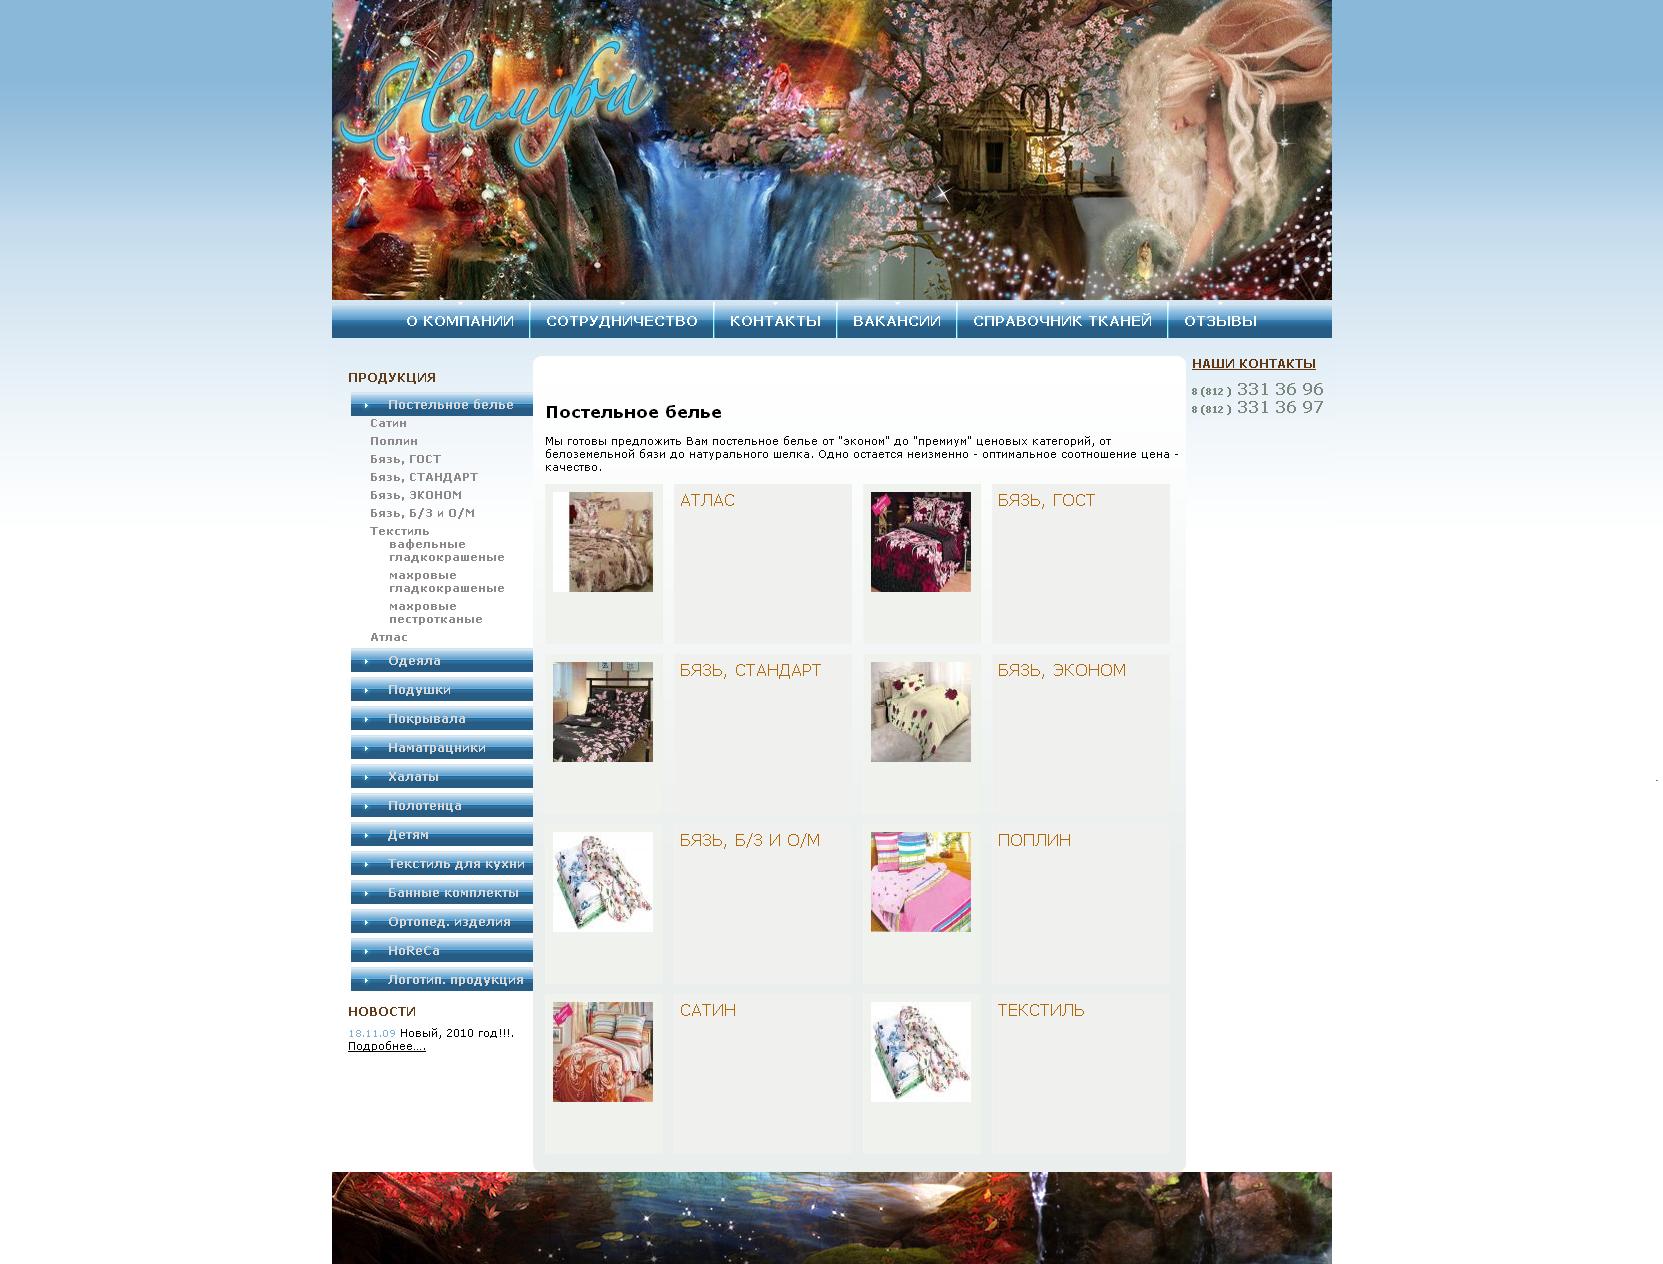 Нимфа, сайт текстильной фирмы - Drupal